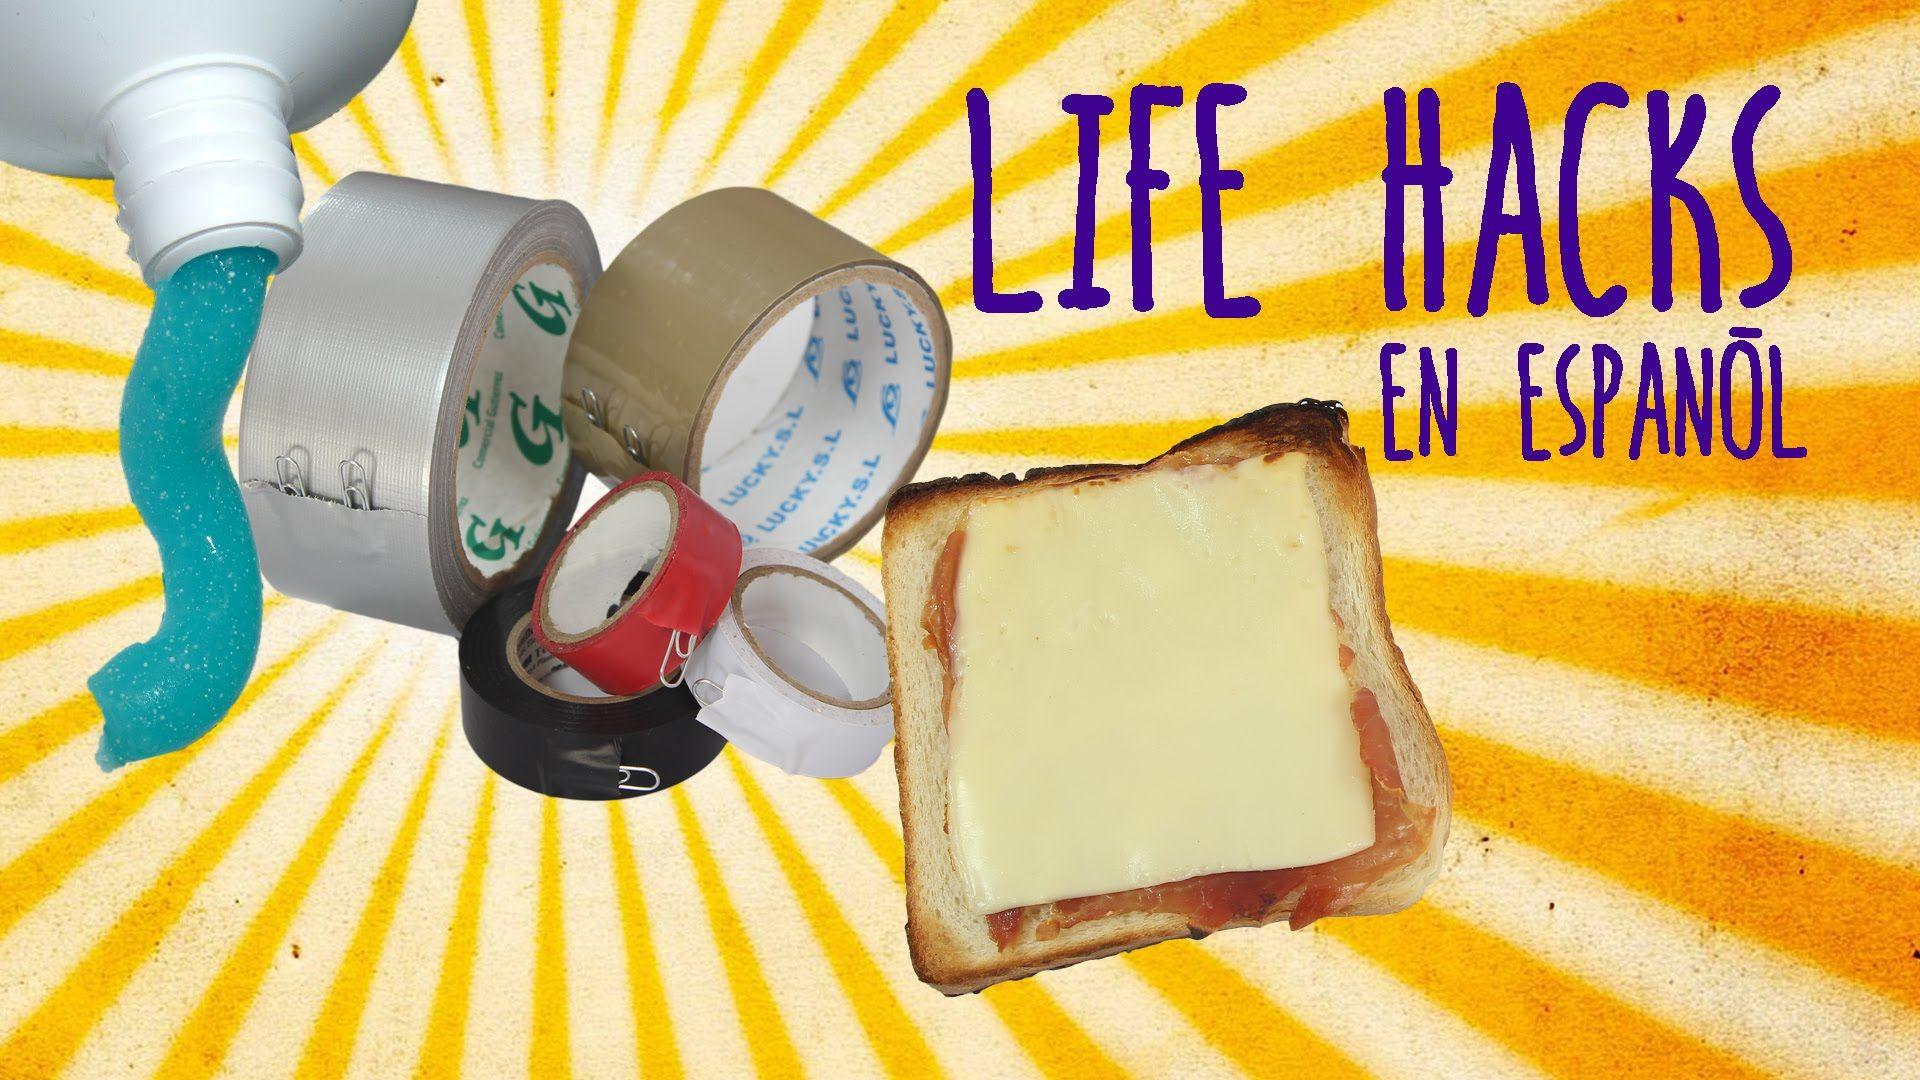 3 Life Hacks en Español #9 - Hacks en la vida real